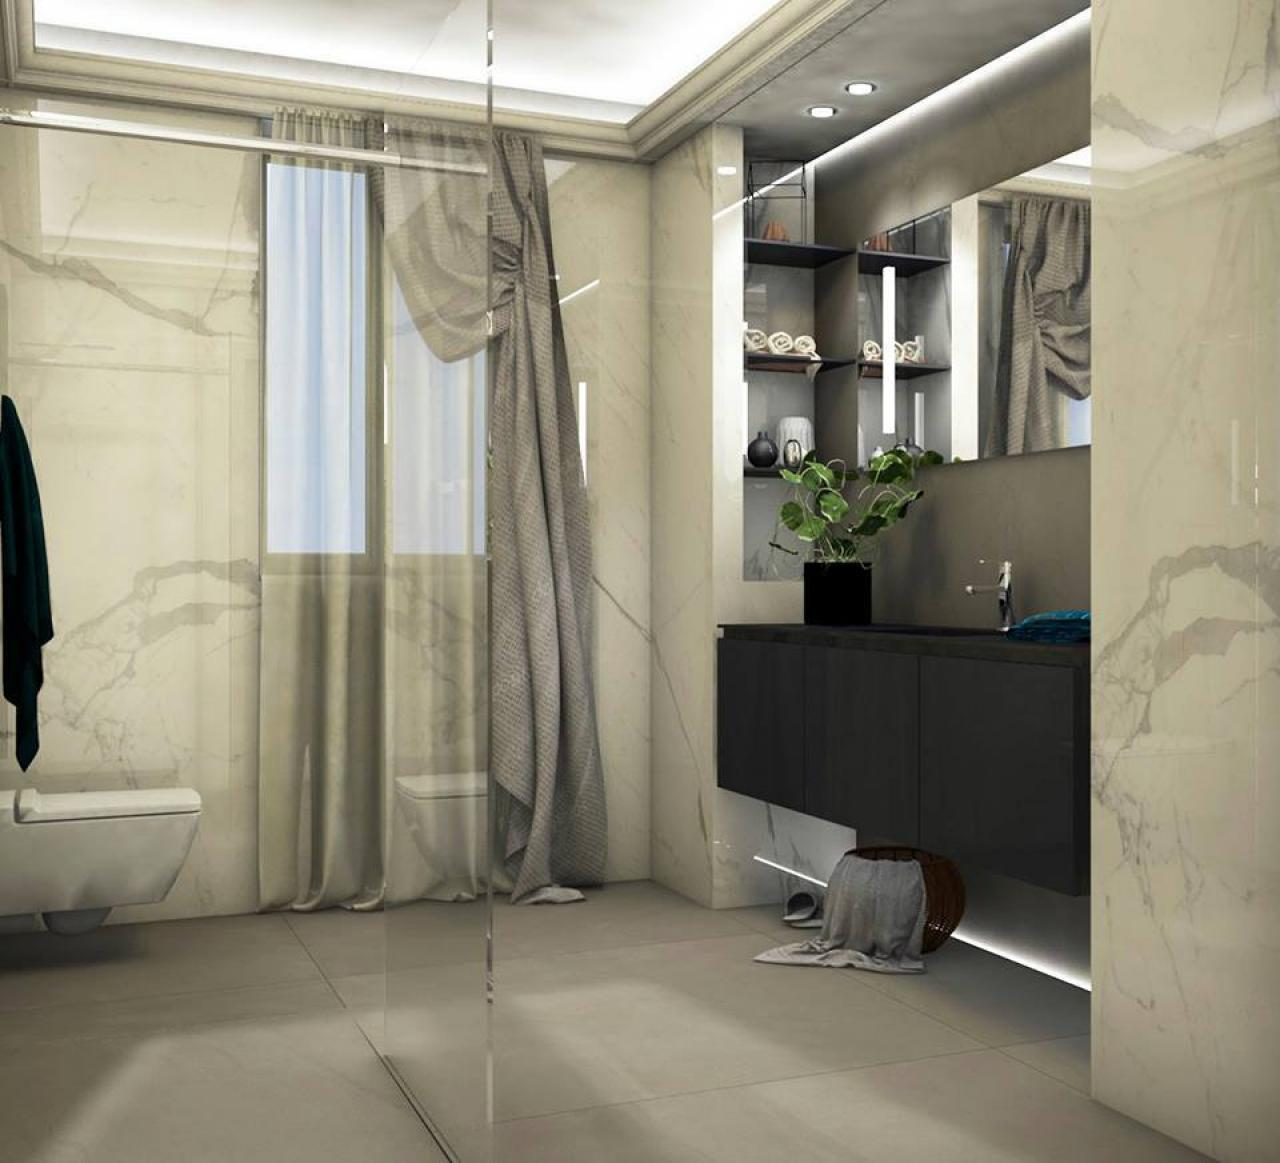 Bagno moderno ed elegante grandi lastre illuminazione for Arredatrice di interni